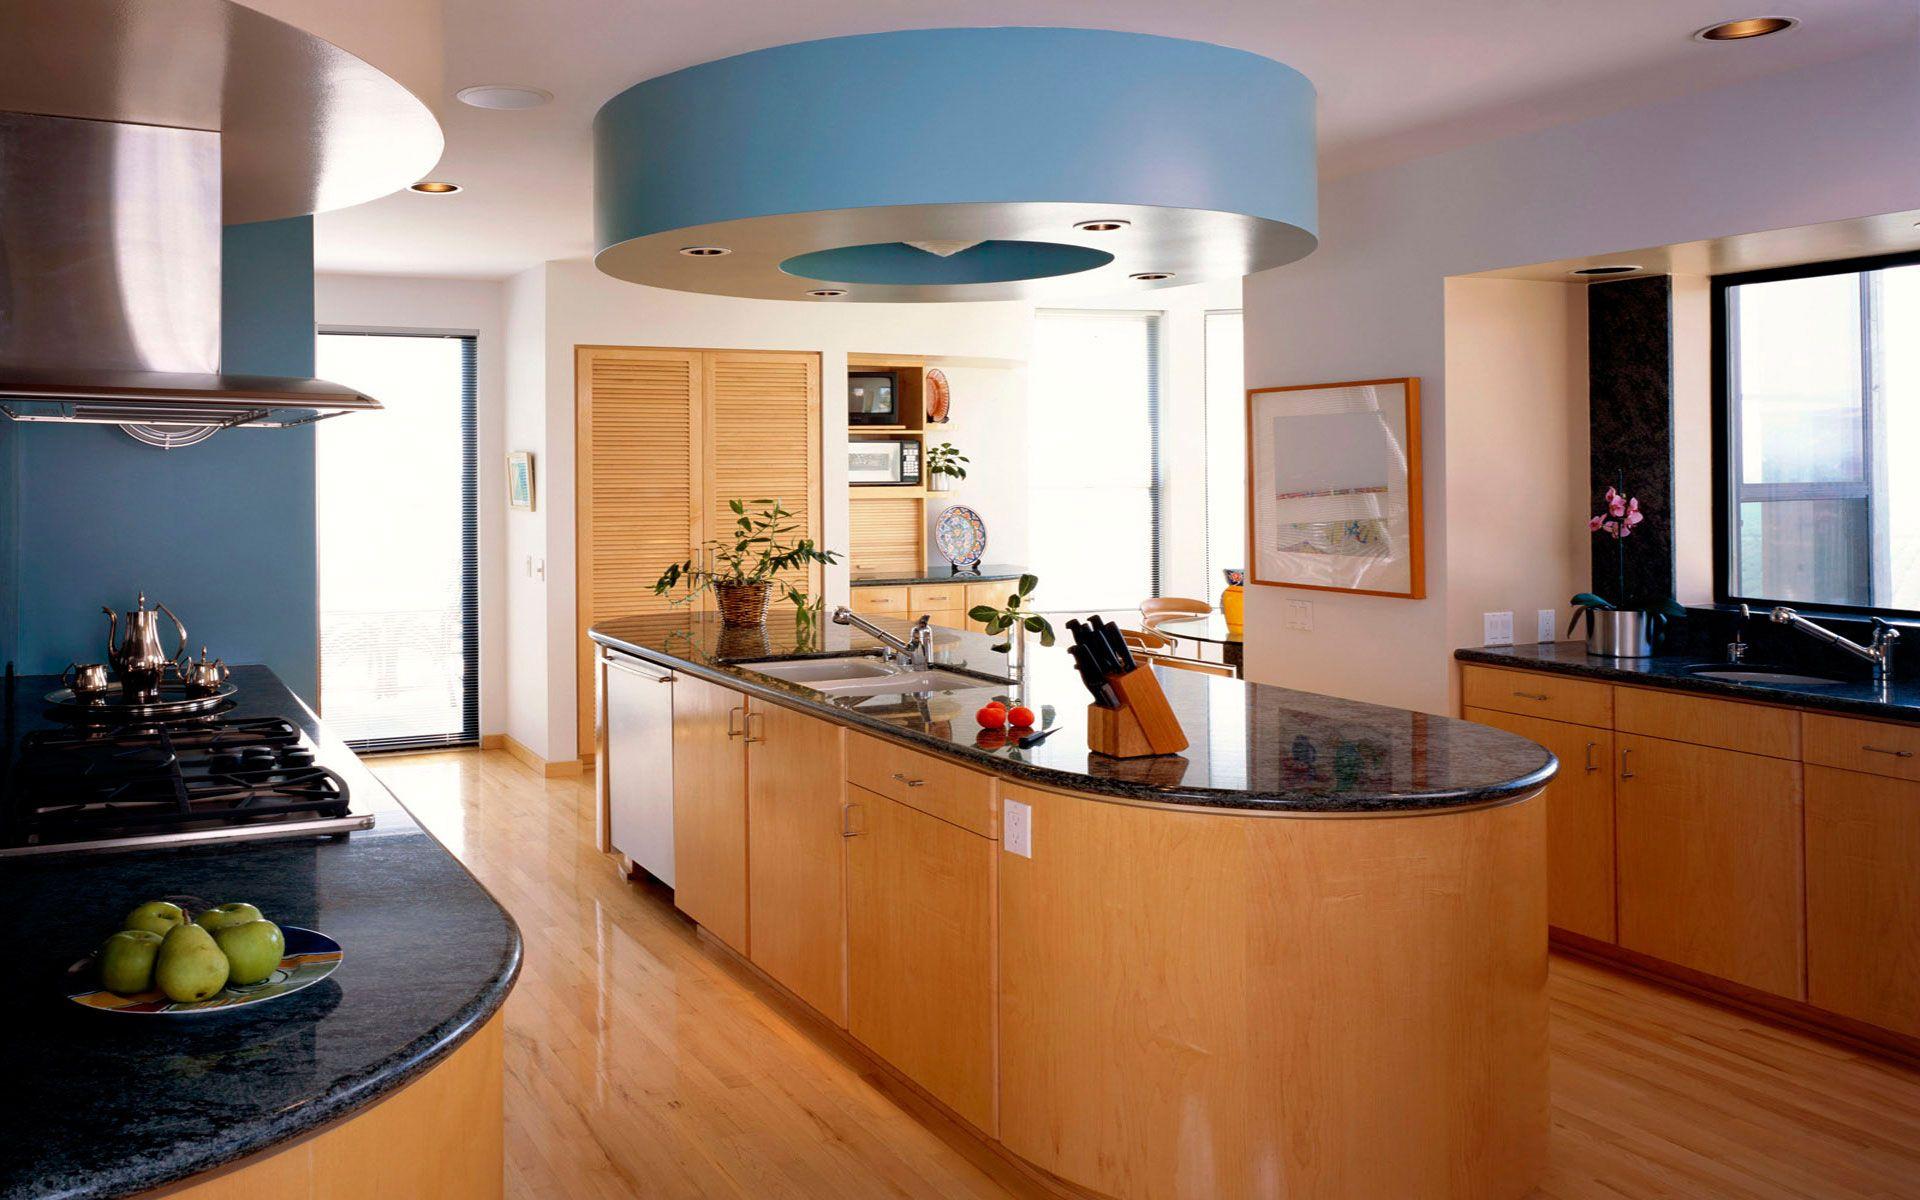 Best Interior Design Kitchen Hd Wallpapers In Hd Hq Picture Modello Di Cucina Contemporanea Progettazione Di Una Cucina Moderna Cucine Contemporanee